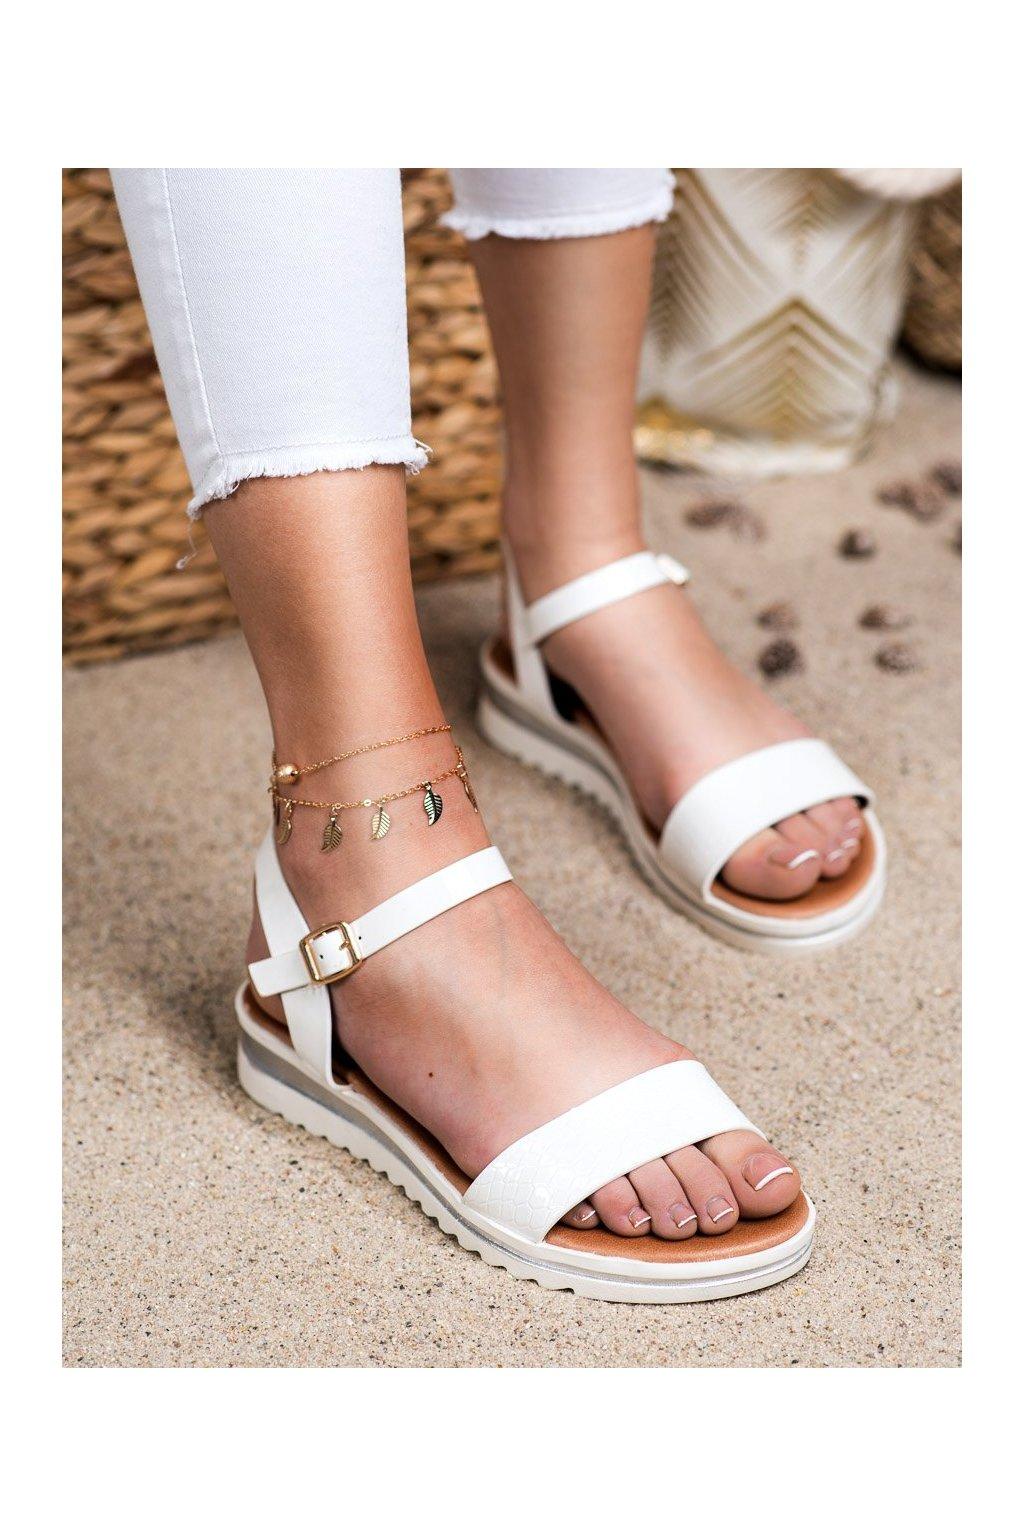 Biele sandále s plochou podrážkou na platforme Weide kod Y639W